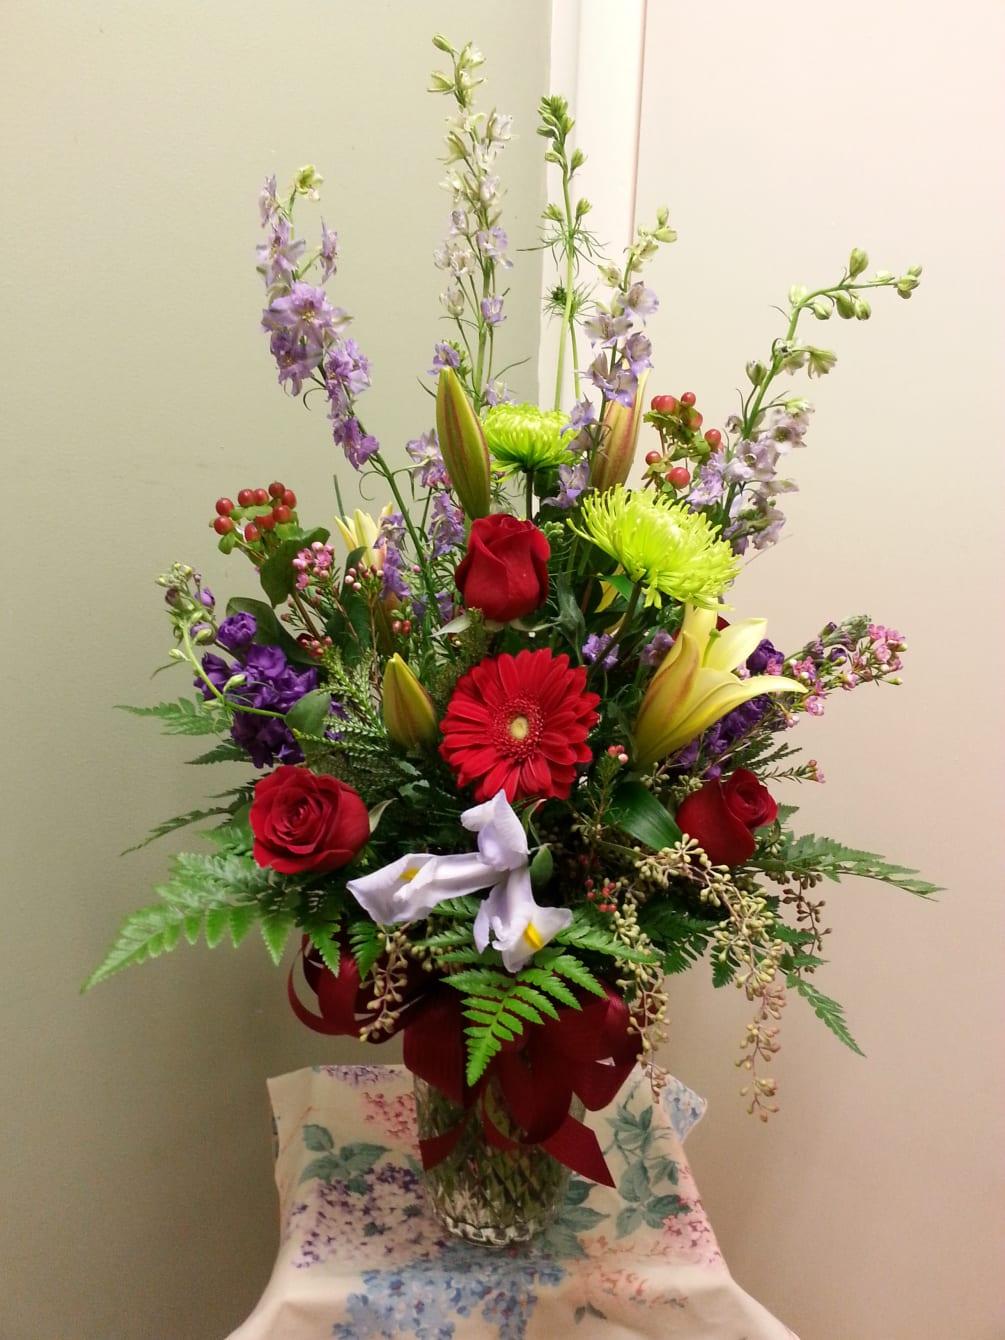 Red Rose, garden mix Vase